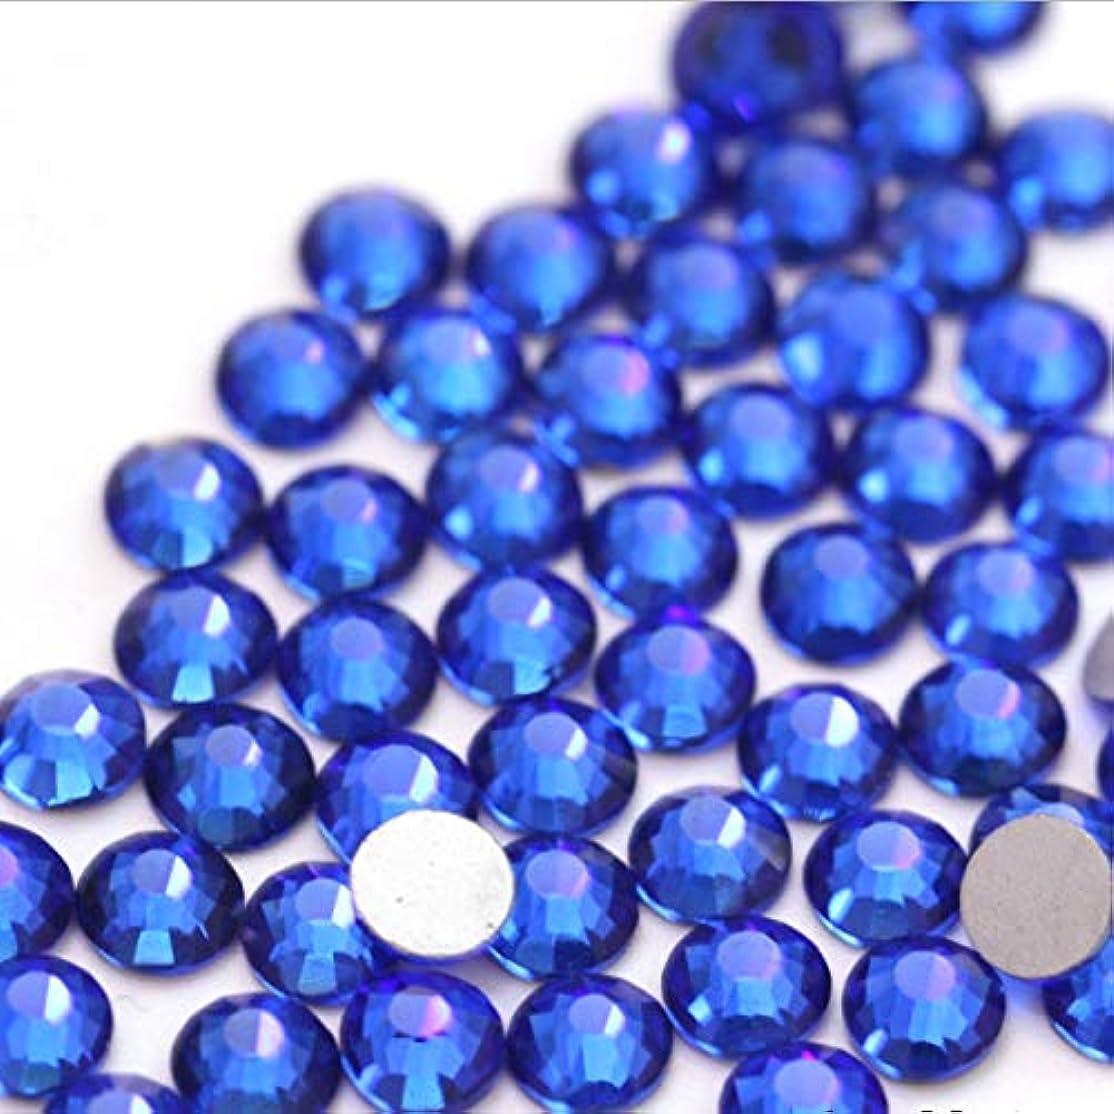 脊椎タイト珍しい【ラインストーン77】高品質ガラス製ラインストーン サファイア(4.7mm (SS20) 約120粒)